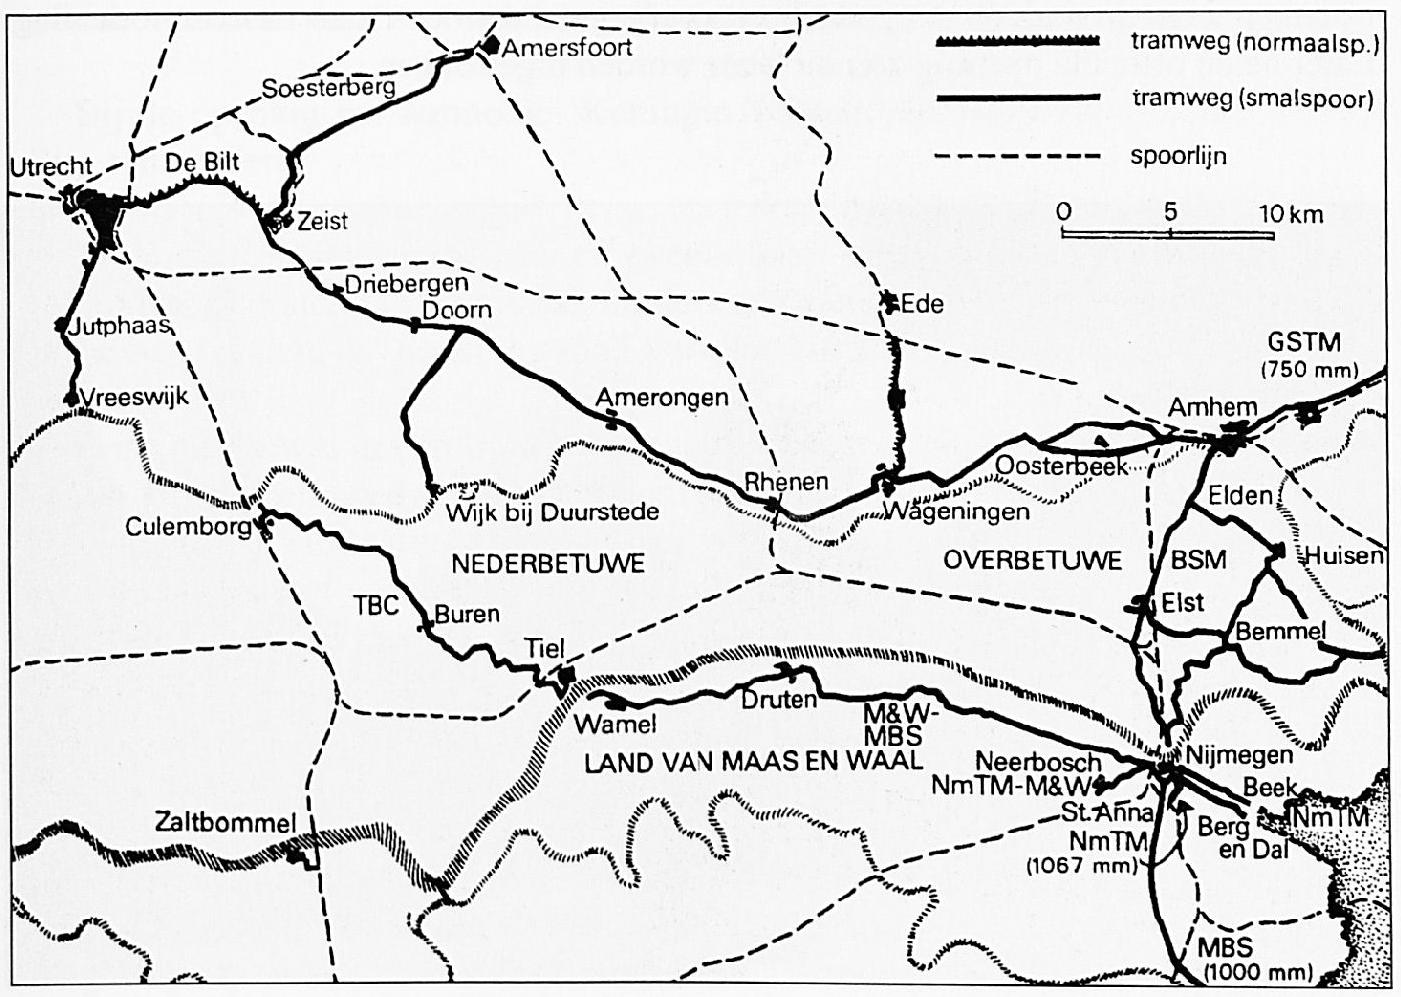 Een overzicht van de tram- en spoorwegen in Maas en Waal, de Betuwe en een deel van de provincie Utrecht, in het begin van deze eeuw.